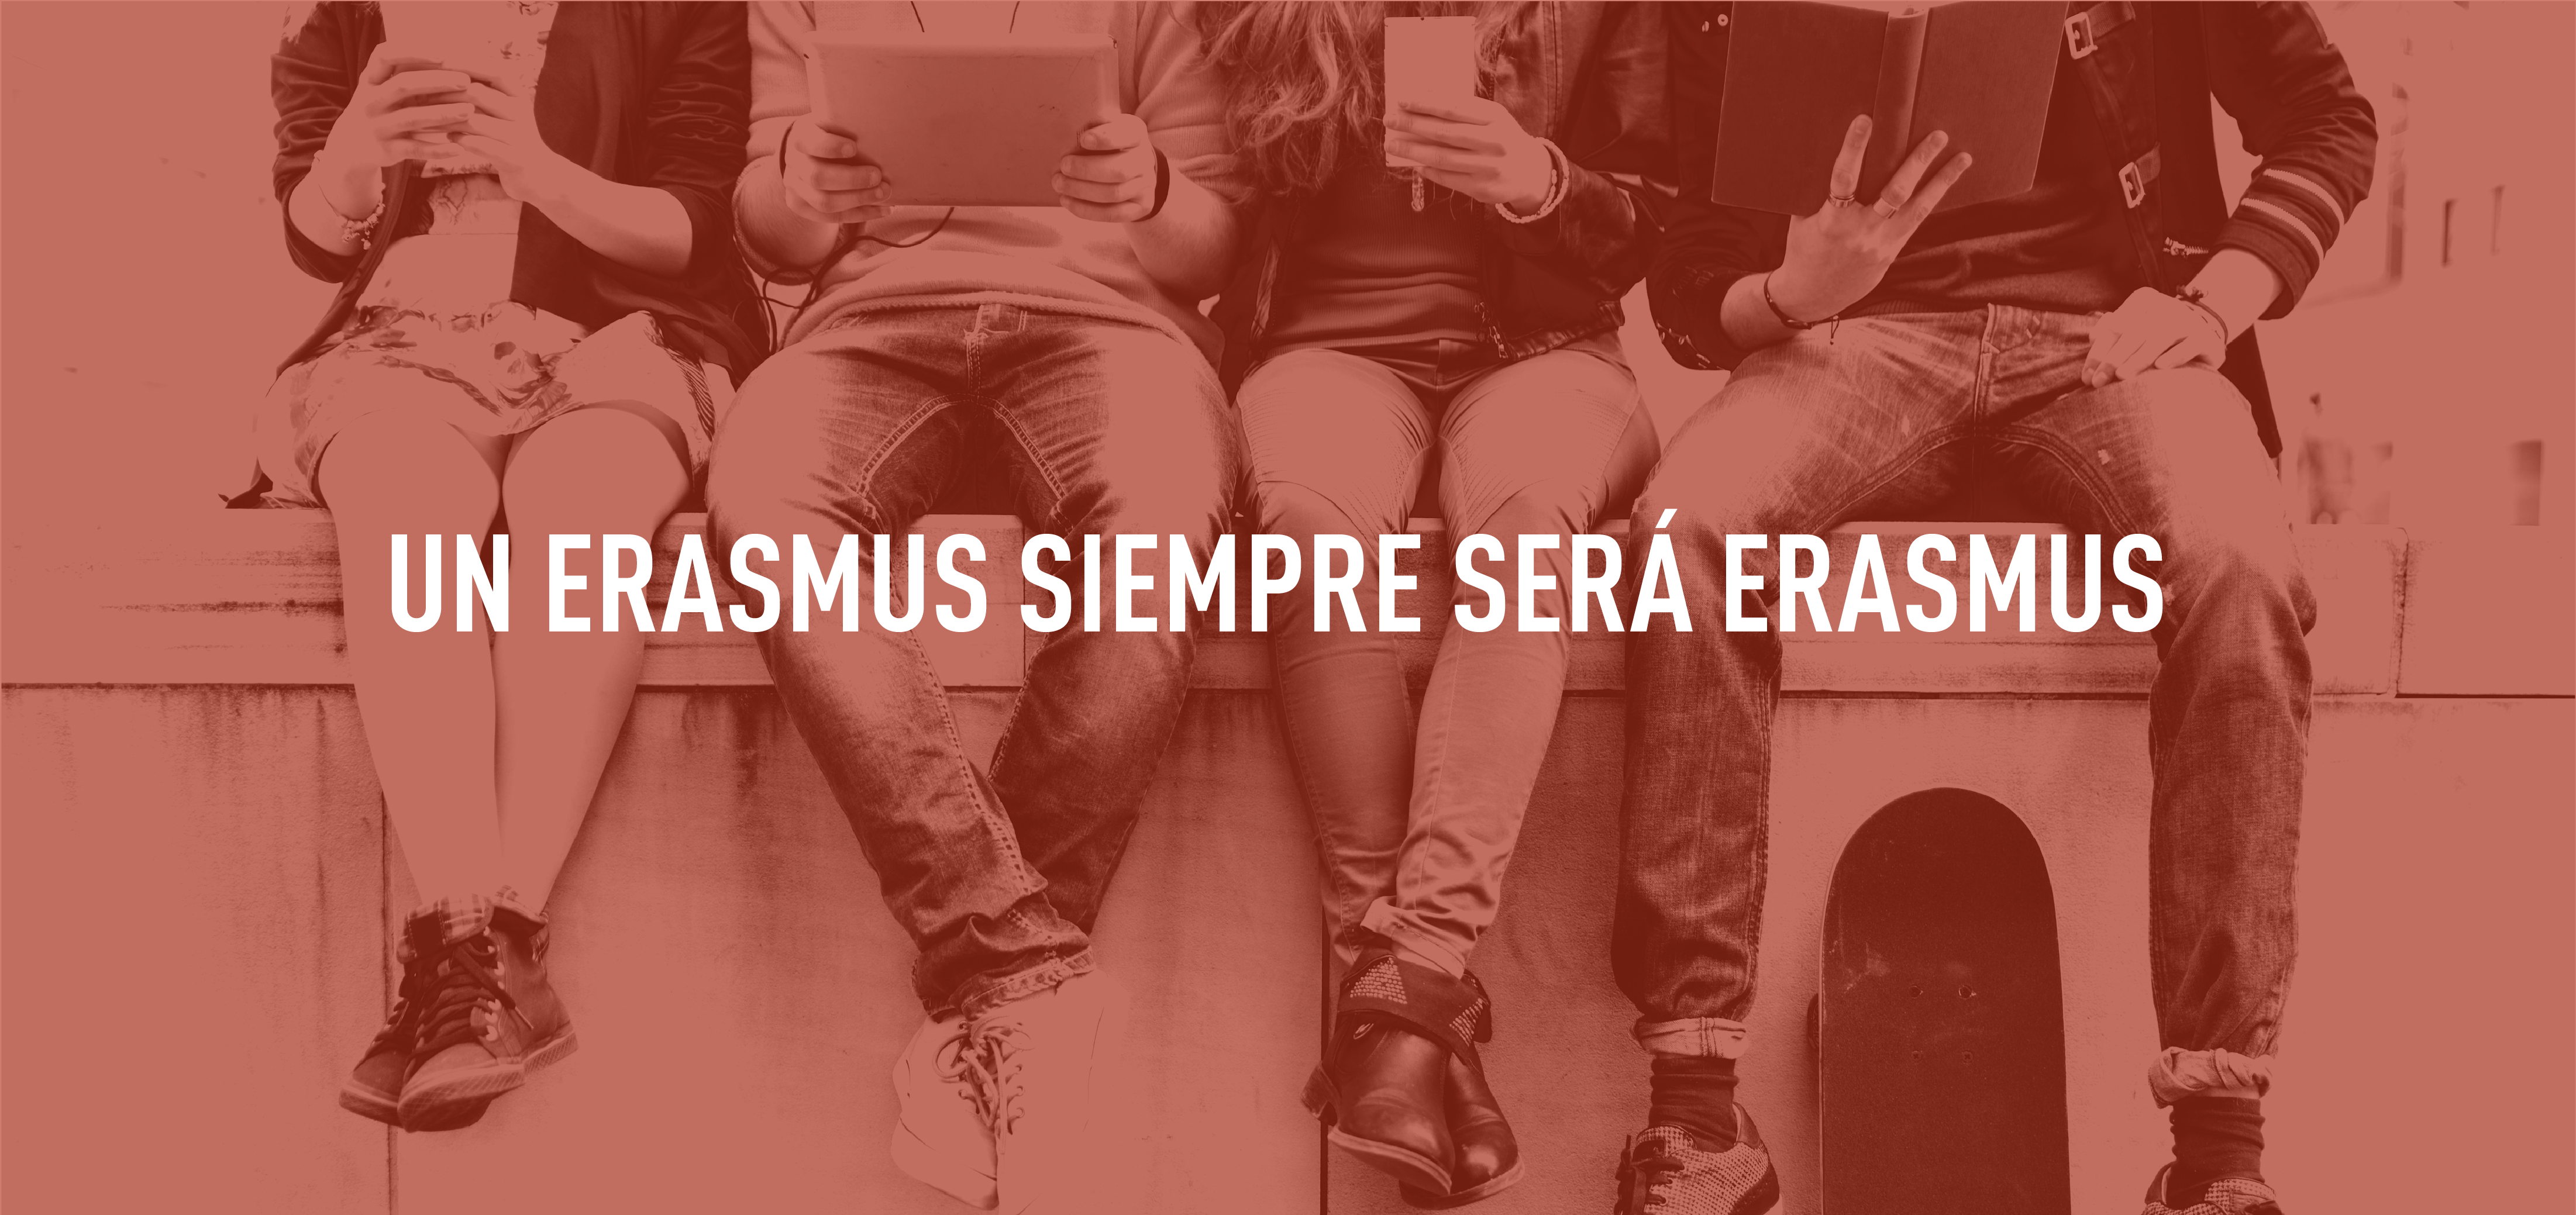 ¿Alguien se ha ido de Erasmus? Cosas a tener en cuenta